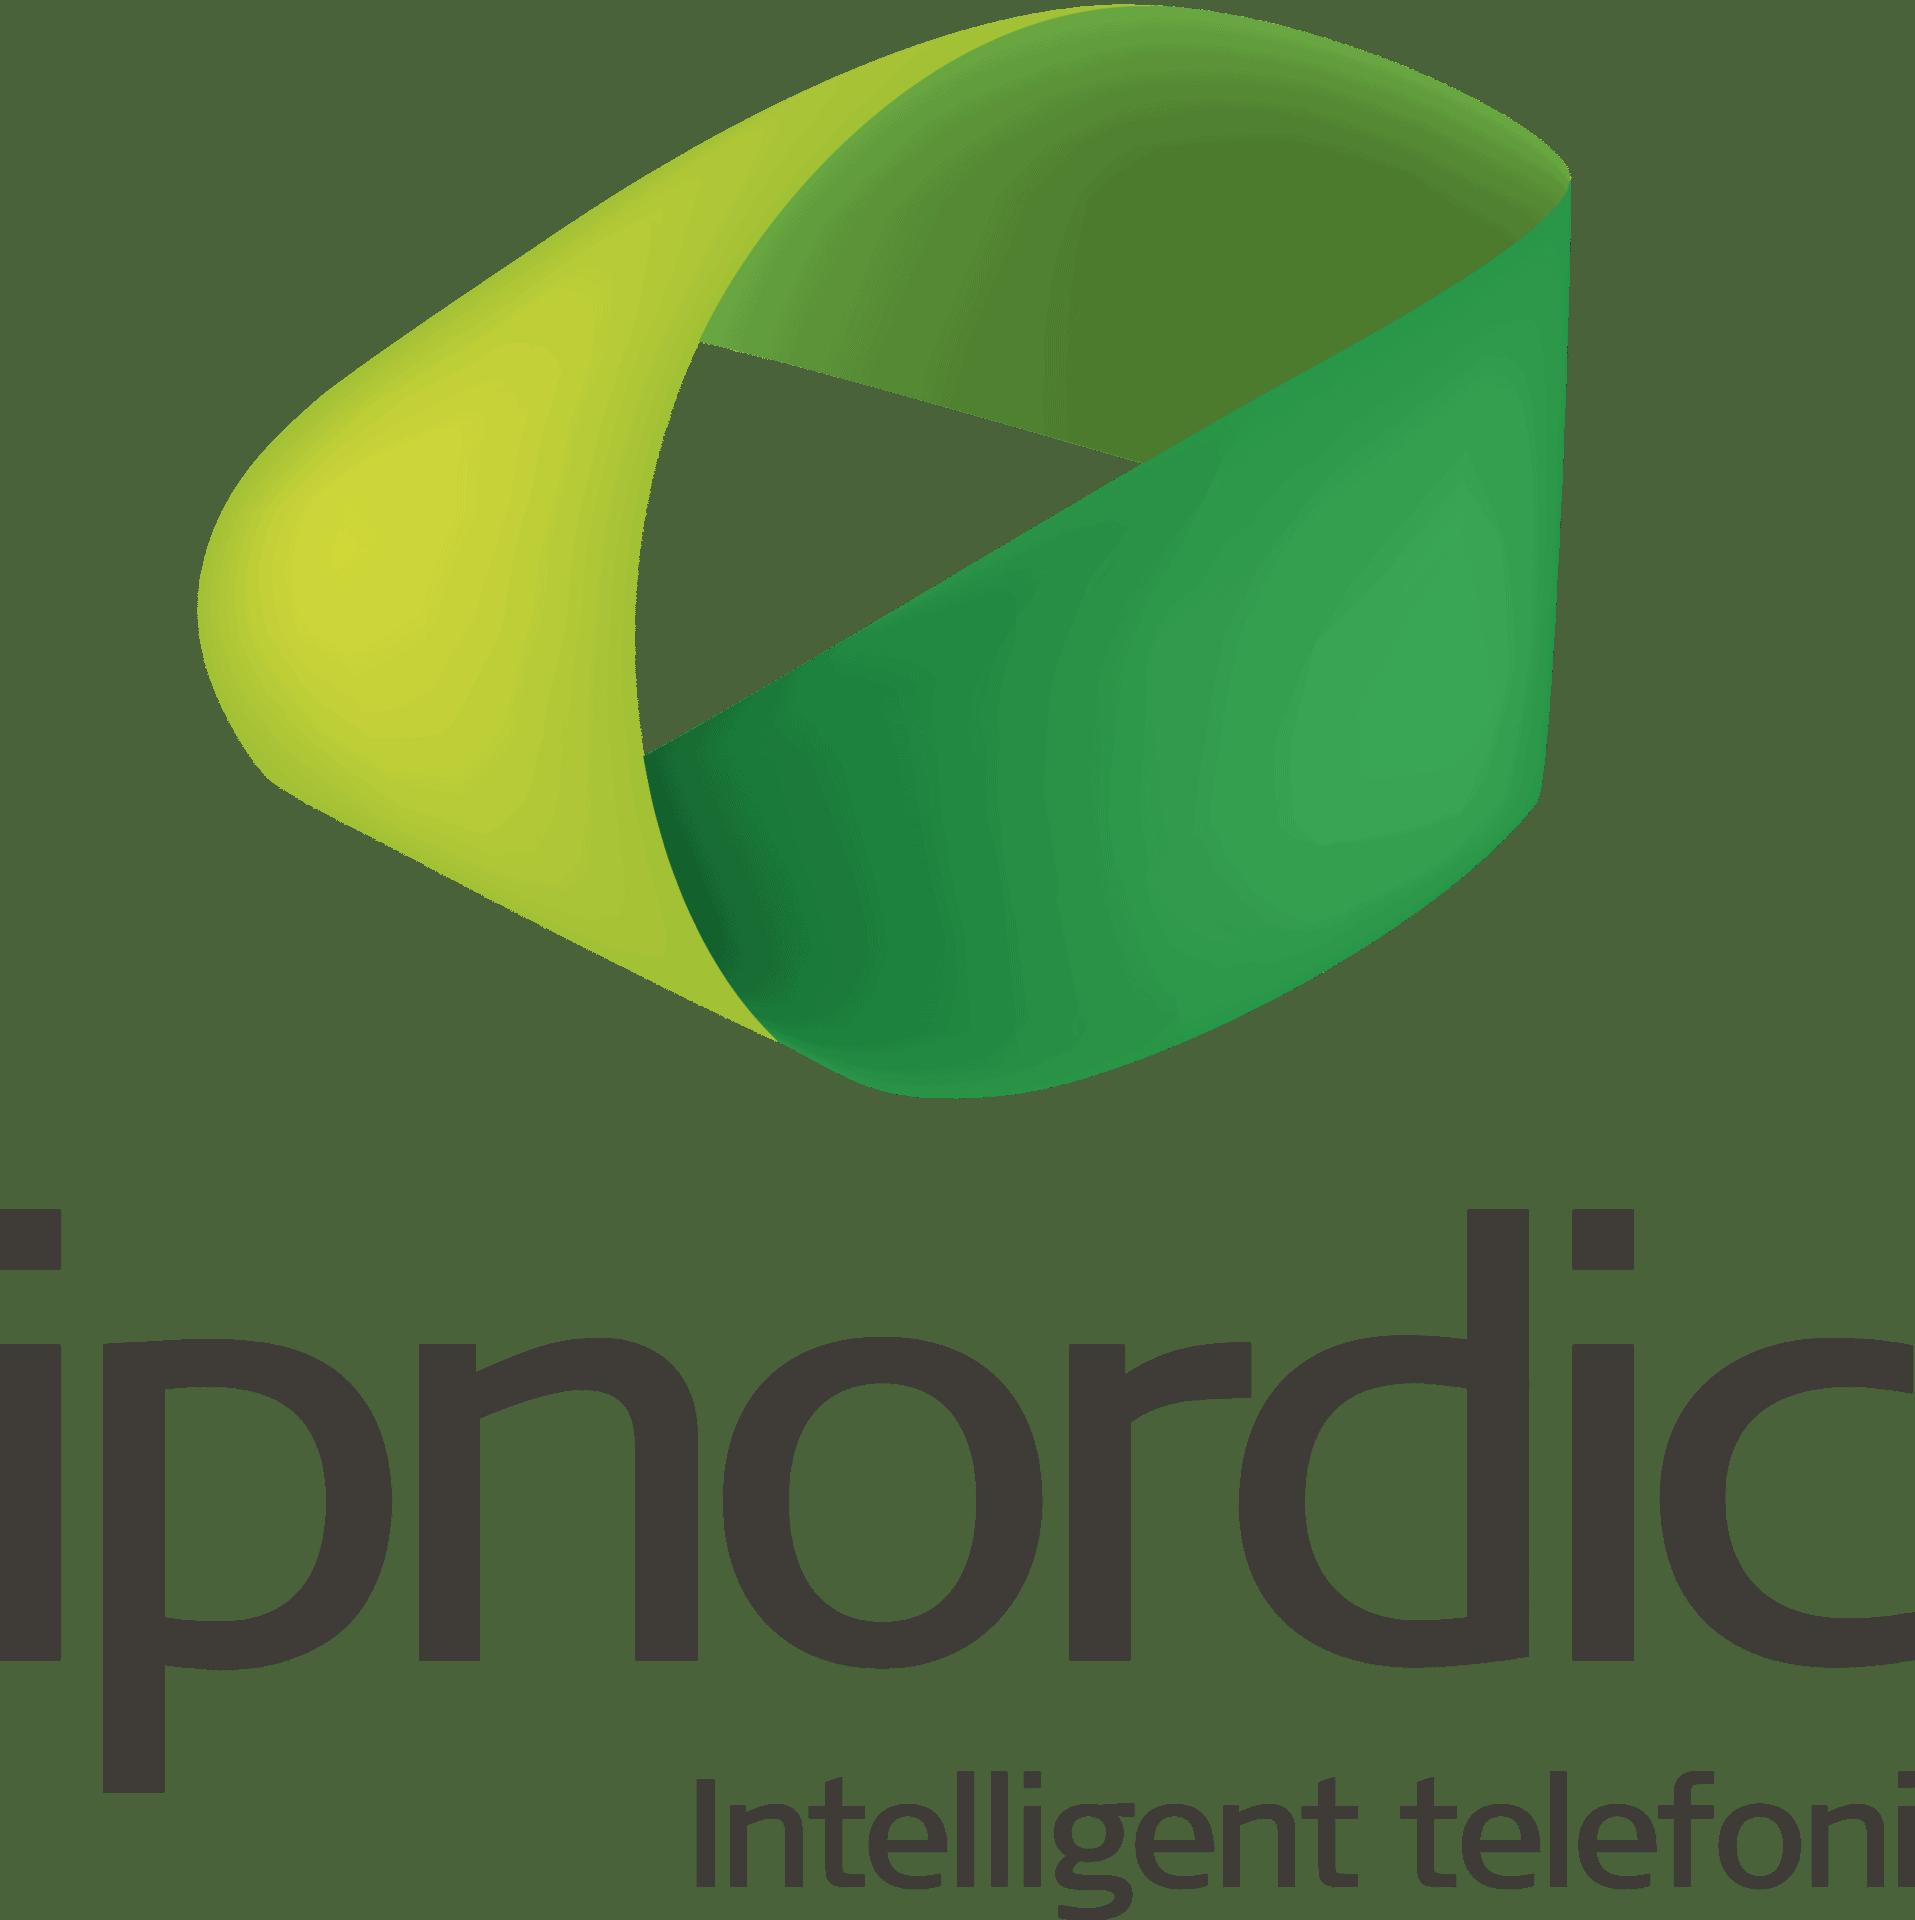 ipnordic